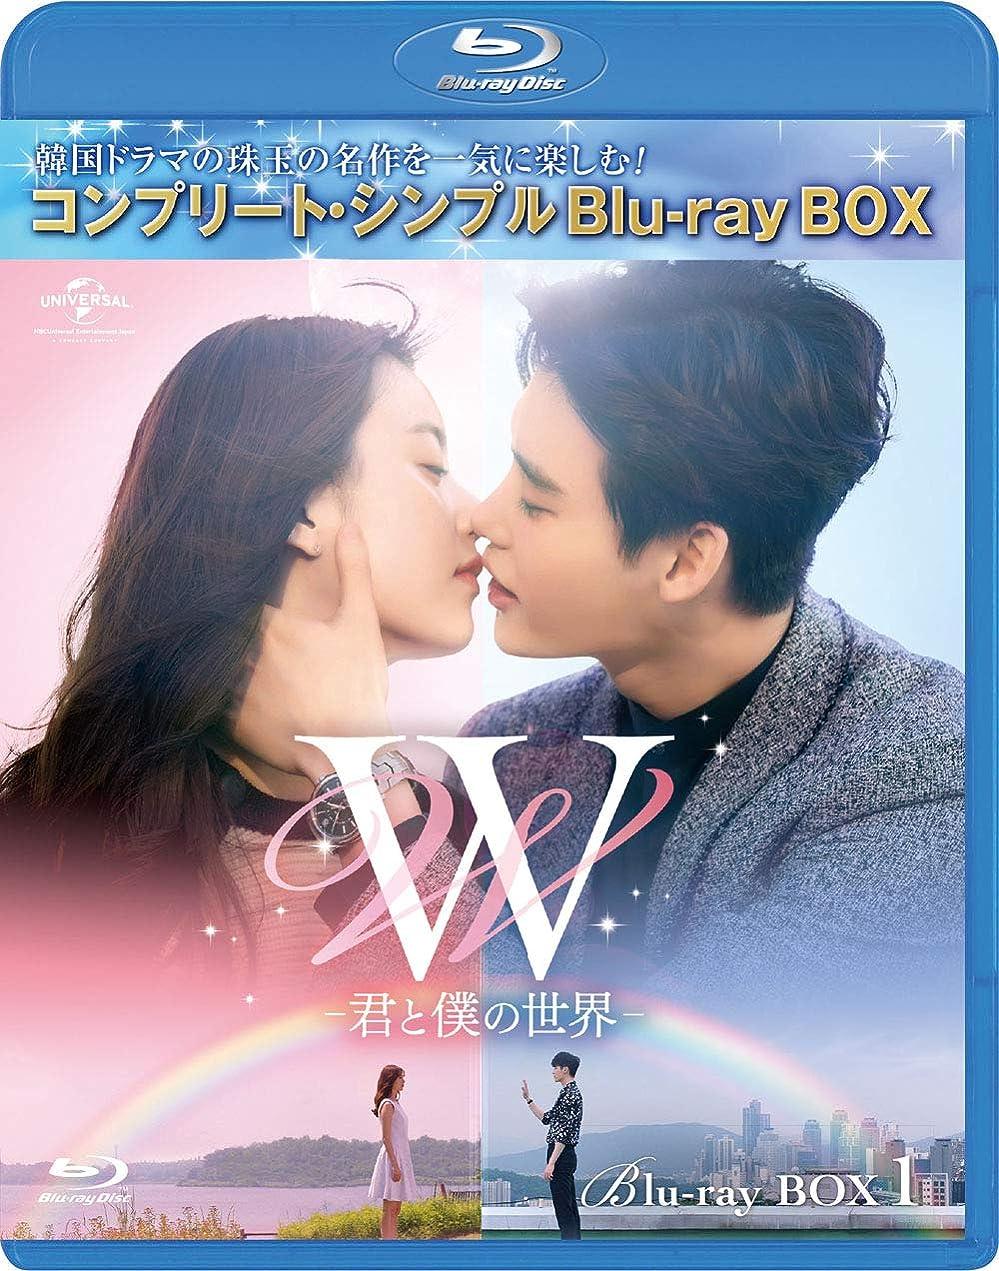 失副レガシーW -君と僕の世界- BD‐BOX1(コンプリート?シンプルBD‐BOX6,000円シリーズ)(期間限定生産) [Blu-ray]